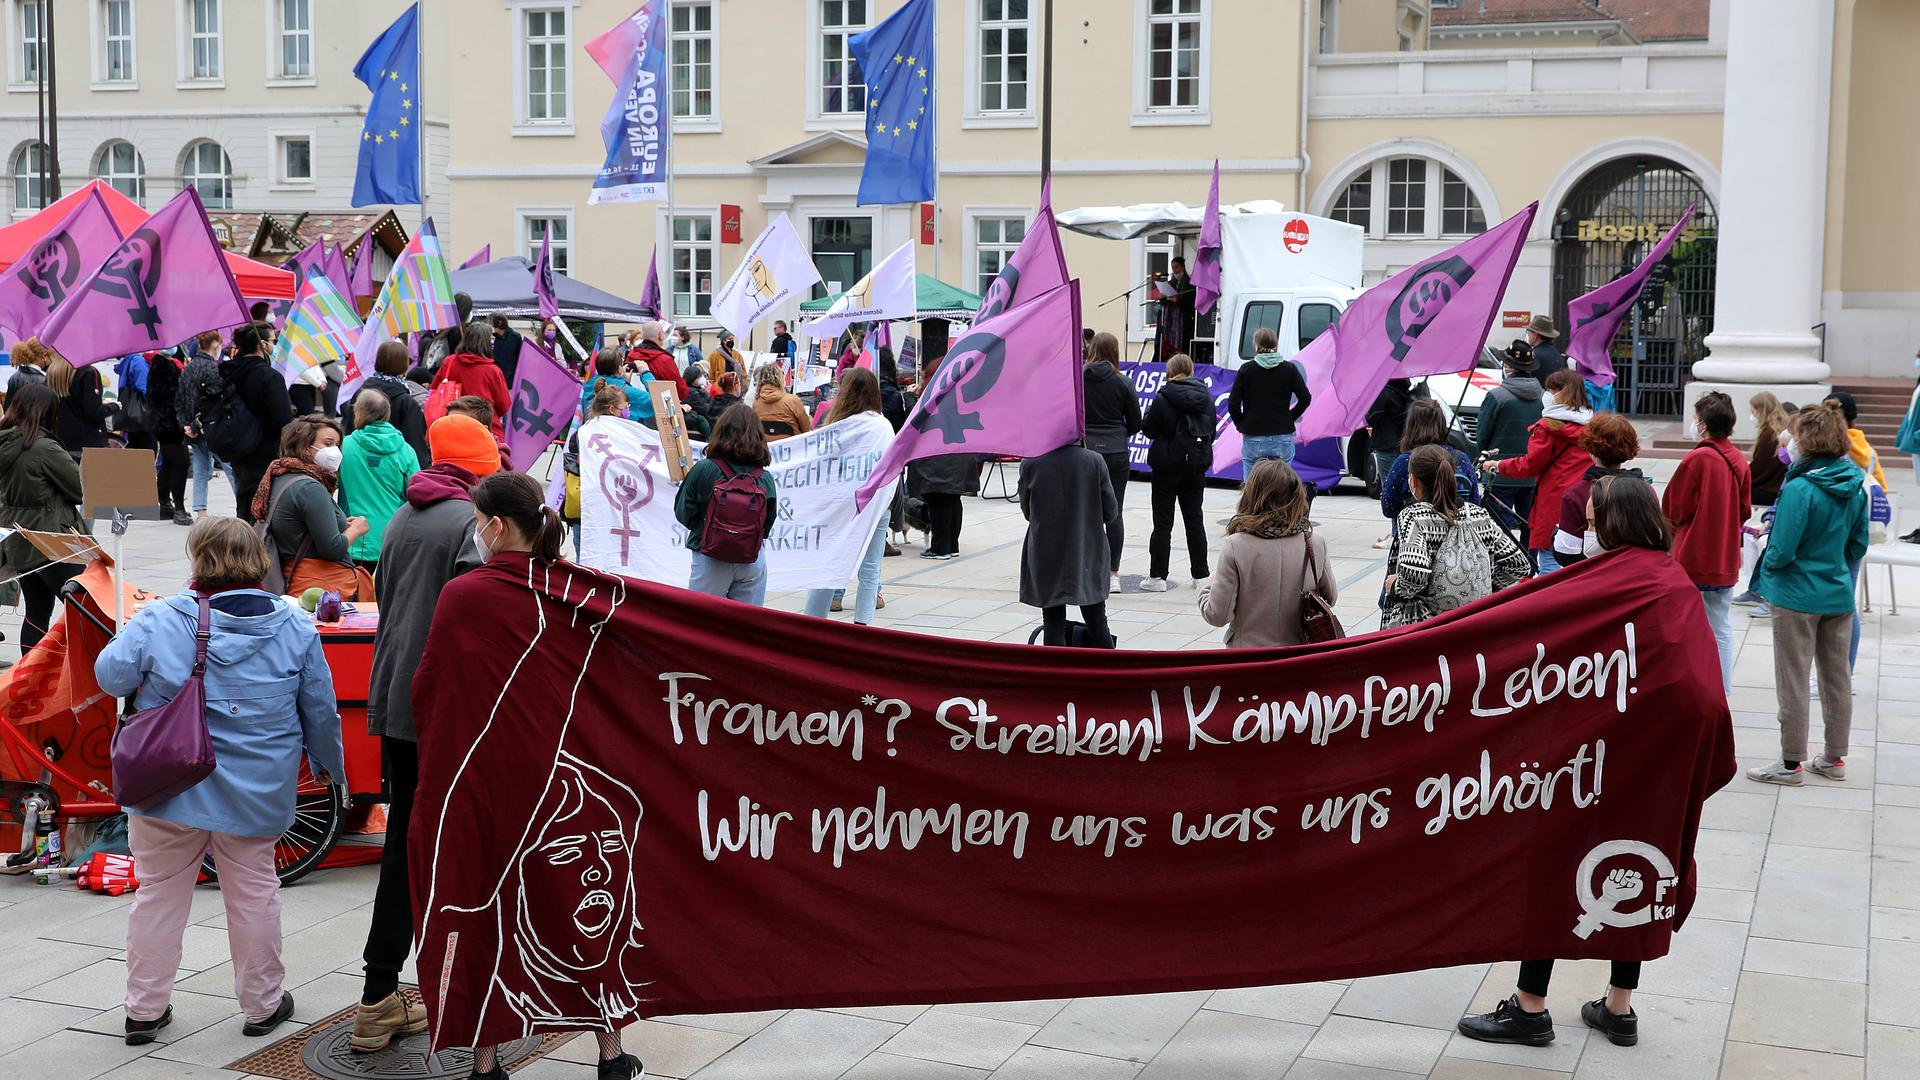 © Jodo-Foto /  Joerg  Donecker//  15.05.2021  Aktionstag auf dem Maktplatz: 150 Jahre ¤ 218,            -Copyright - Jodo-Foto /  Joerg  Donecker Sonnenbergstr.4  D-76228 KARLSRUHE TEL:  0049 (0) 721-9473285 FAX:  0049 (0) 721 4903368  Mobil: 0049 (0) 172 7238737 E-Mail:  joerg.donecker@t-online.de Sparkasse Karlsruhe  IBAN: DE12 6605 0101 0010 0395 50, BIC: KARSDE66XX Steuernummer 34140/28360 Veroeffentlichung nur gegen Honorar nach MFM zzgl. ges. Mwst.  , Belegexemplar und Namensnennung. Es gelten meine AGB.